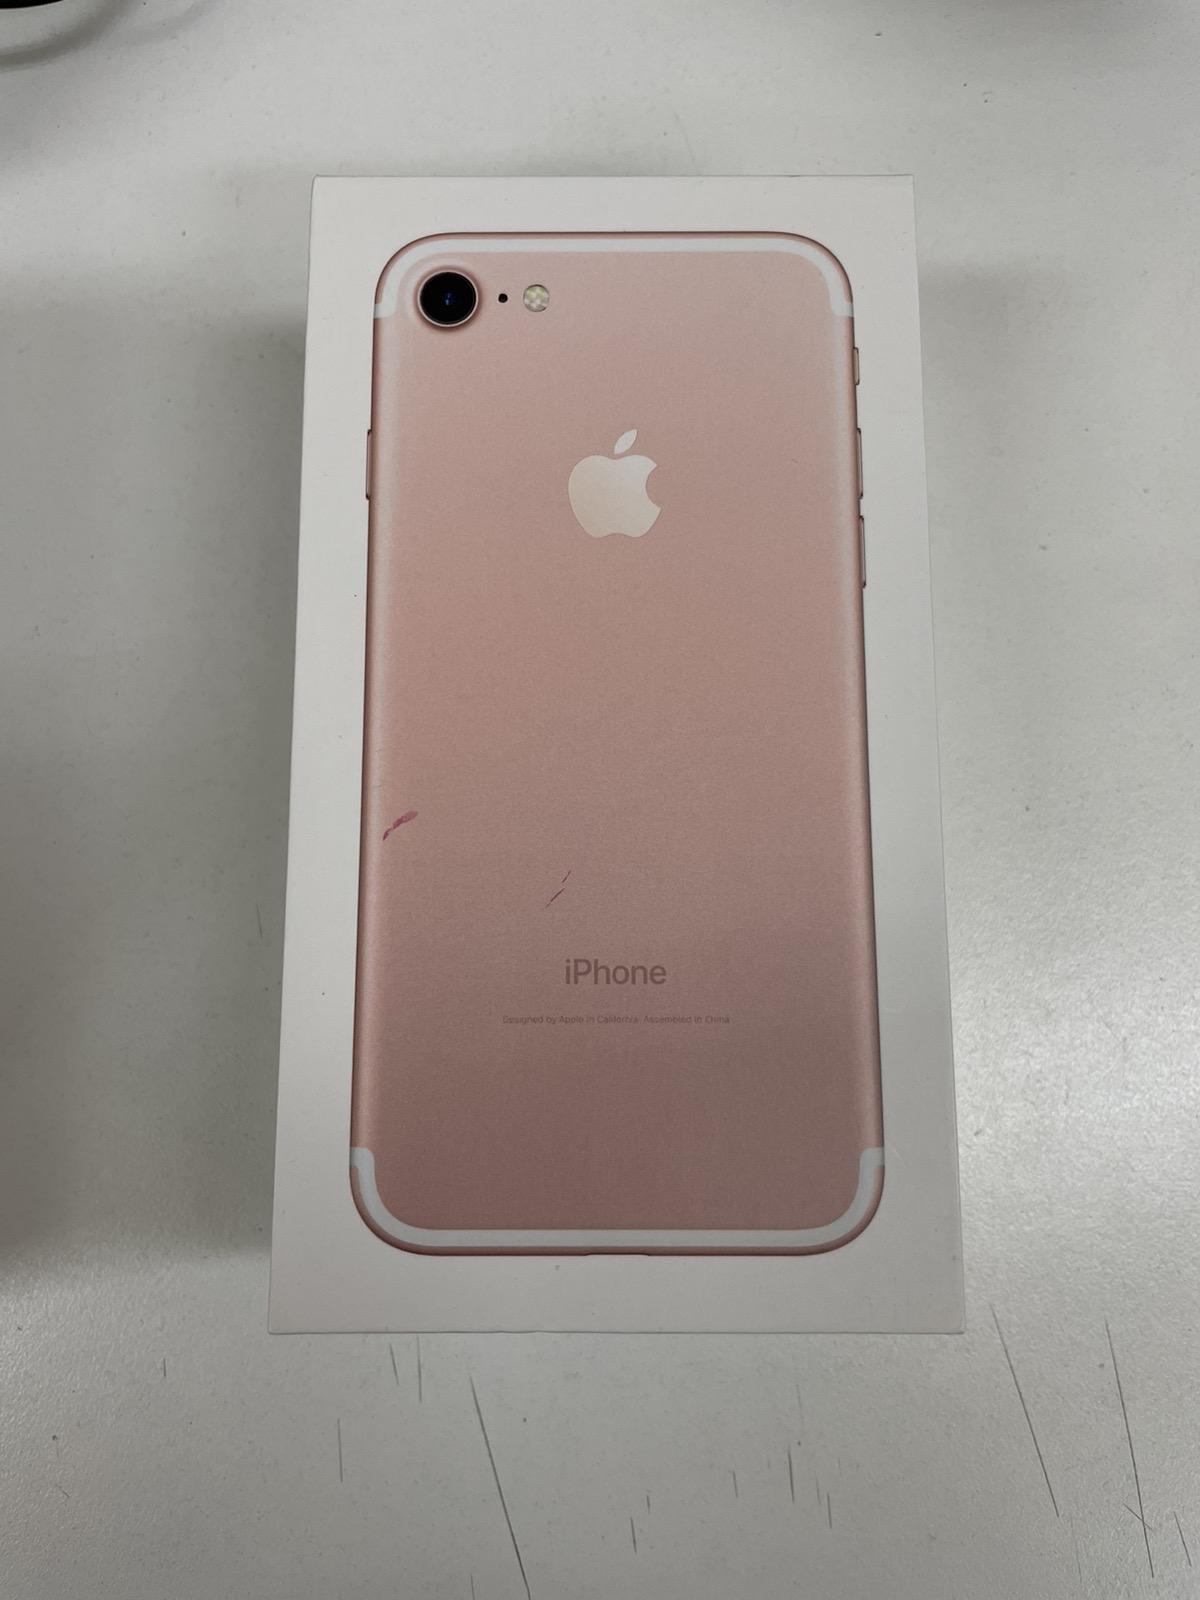 iPhone 7 128GB ローズゴールド SIMフリー 中古